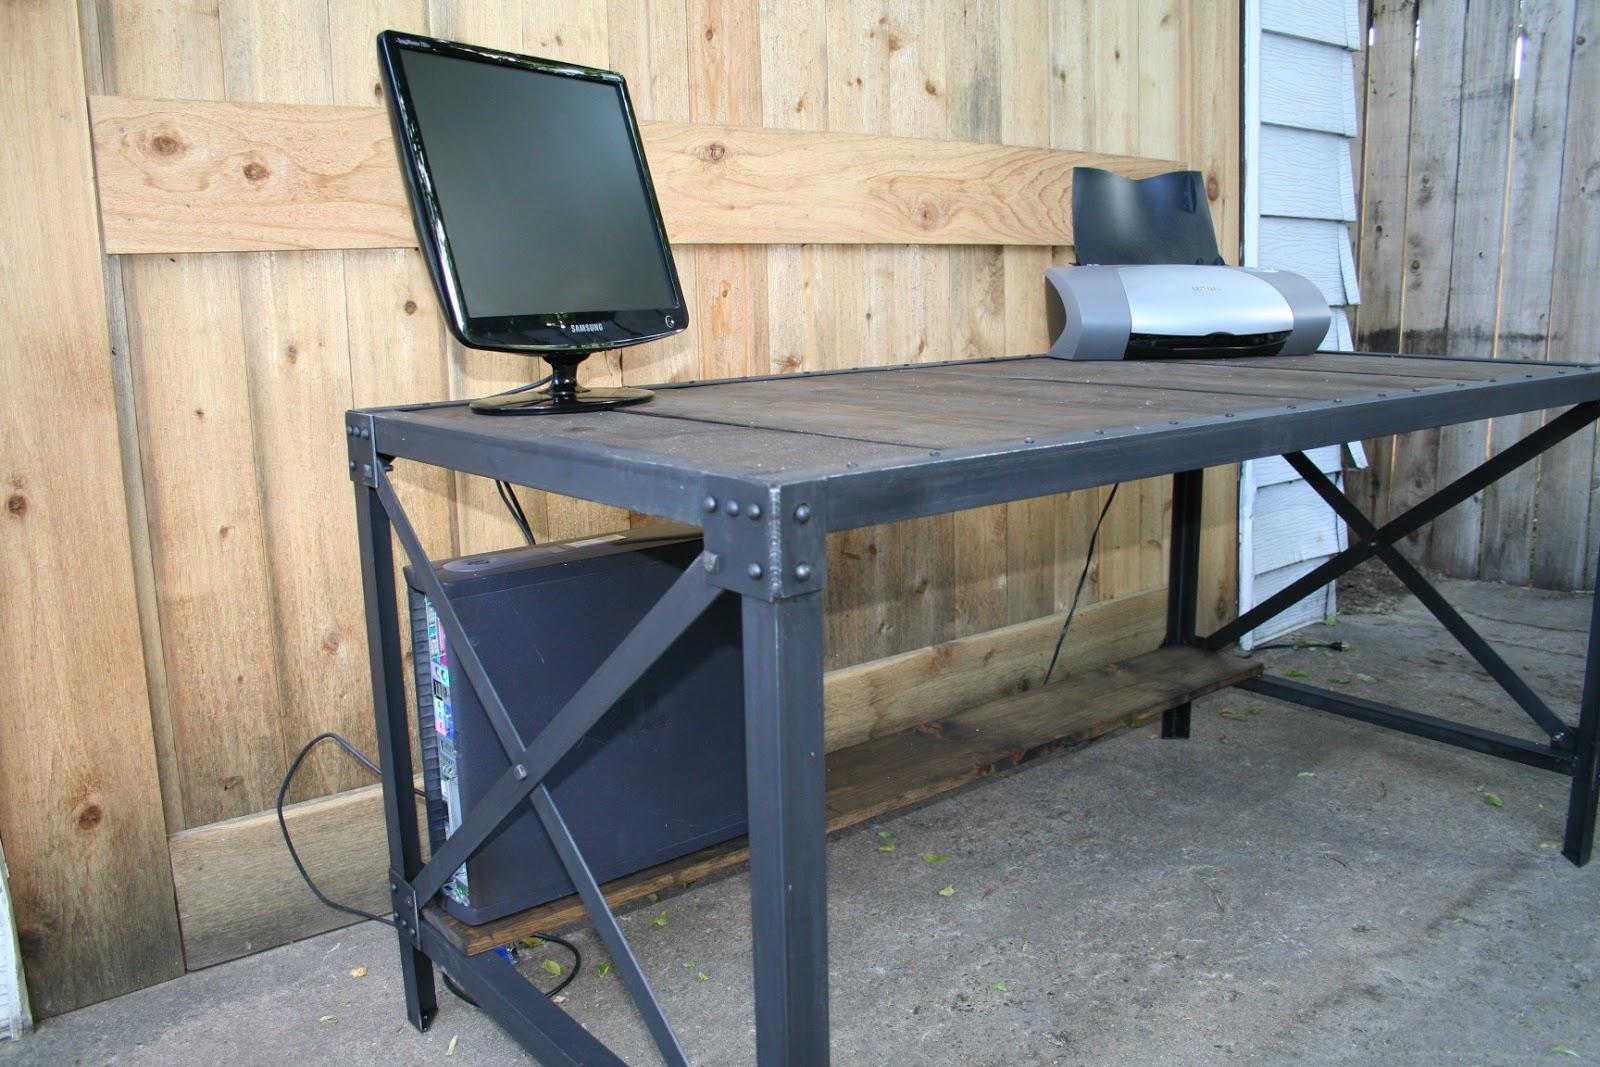 real industrial edge furniture llc industrial desks. Black Bedroom Furniture Sets. Home Design Ideas